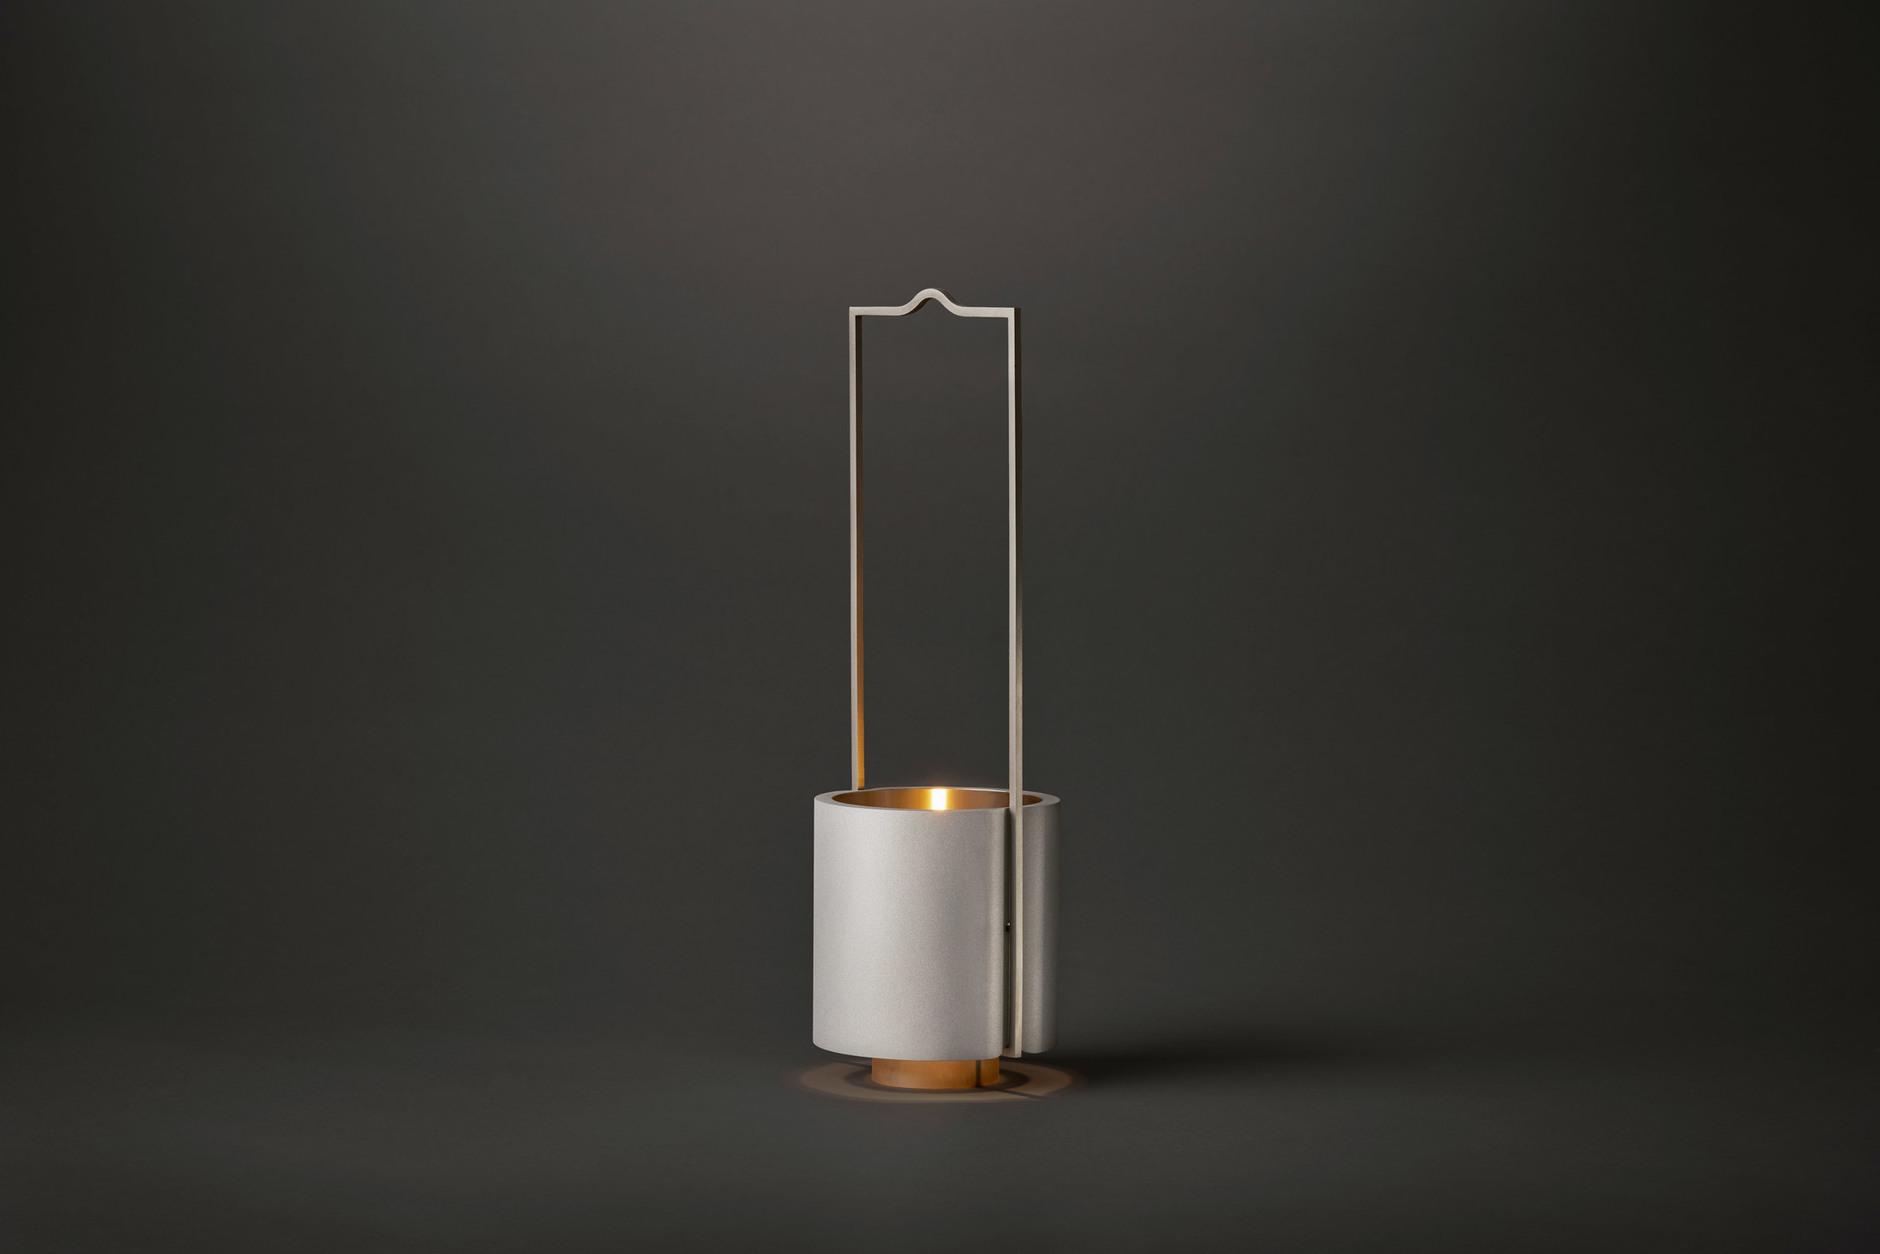 Минималистская керосиновая лампа Джона Поусона для Wästberg (галерея 4, фото 4)